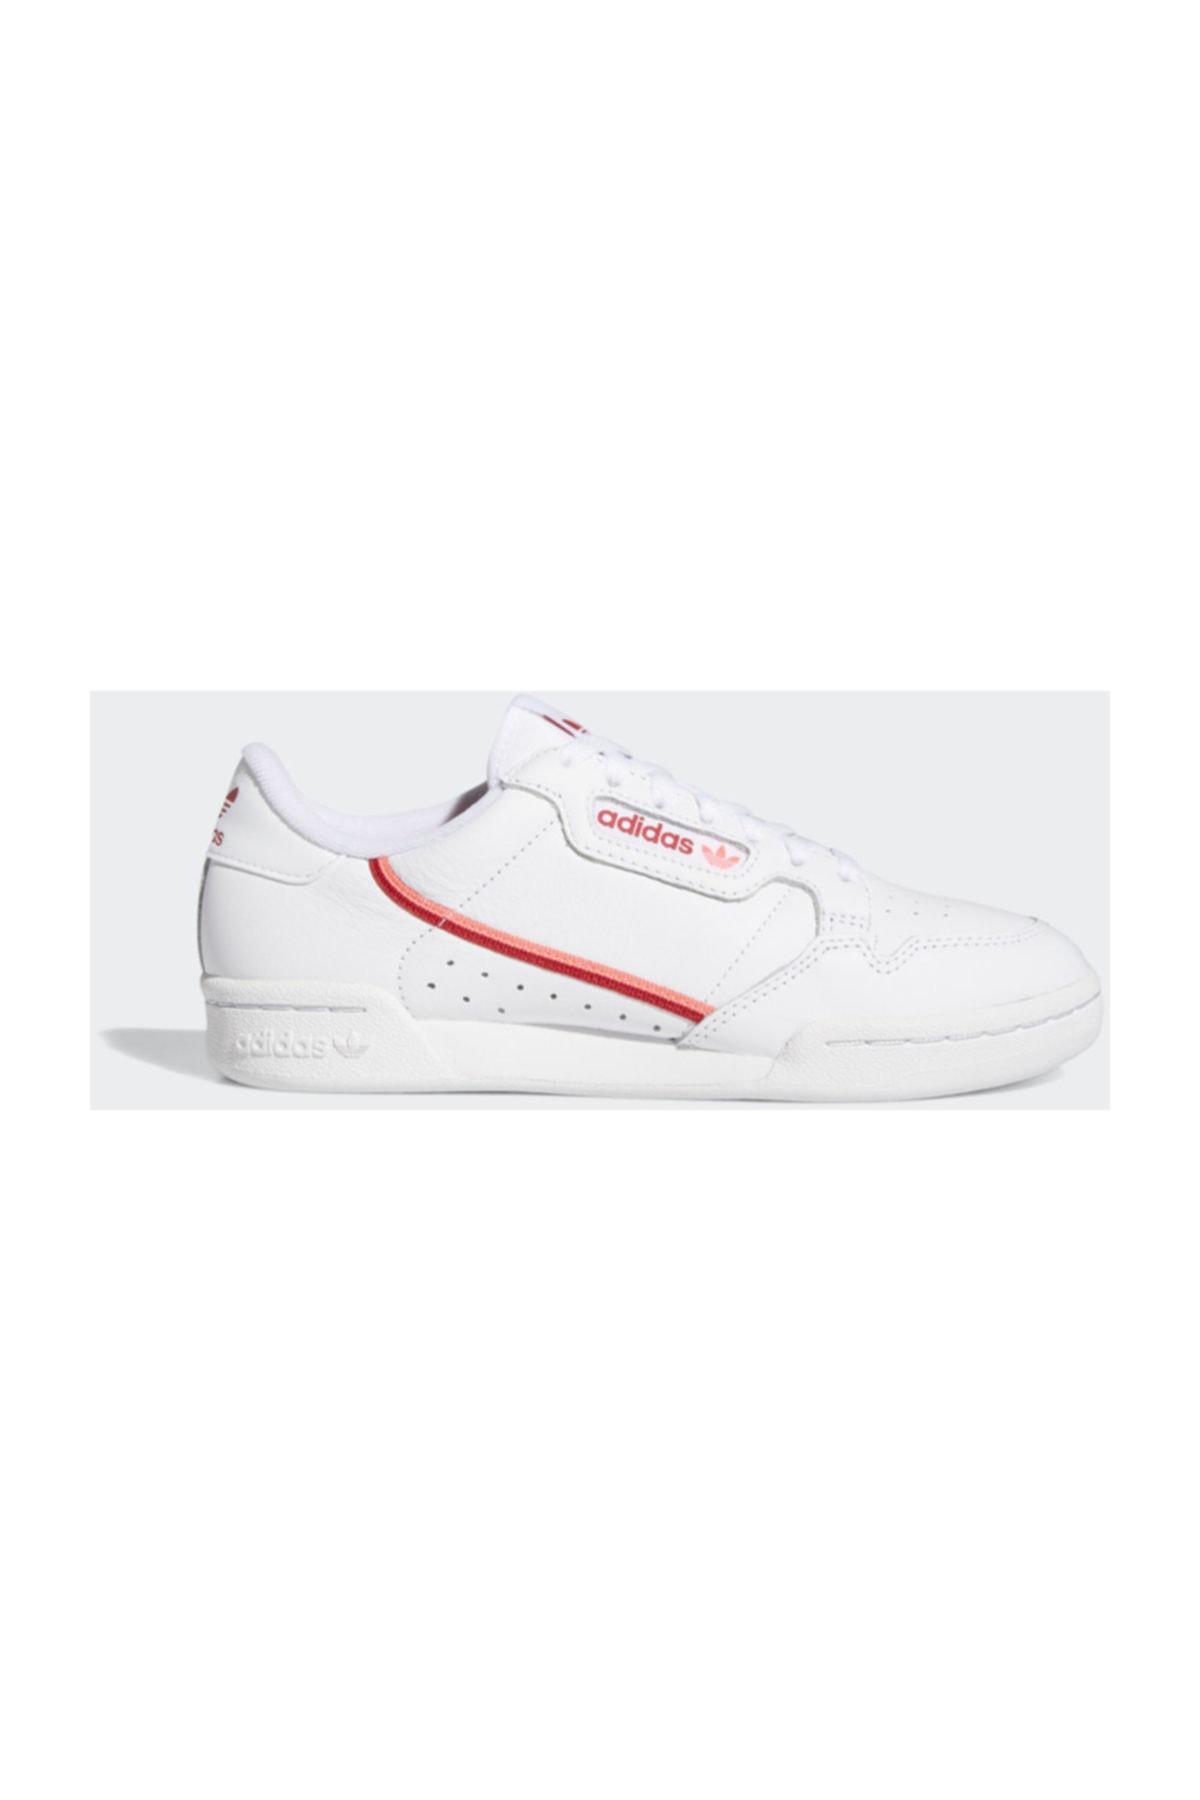 adidas Ee5562 Contınental 80 W Beyaz Bayan Günlük Spor Ayakkabısı 2